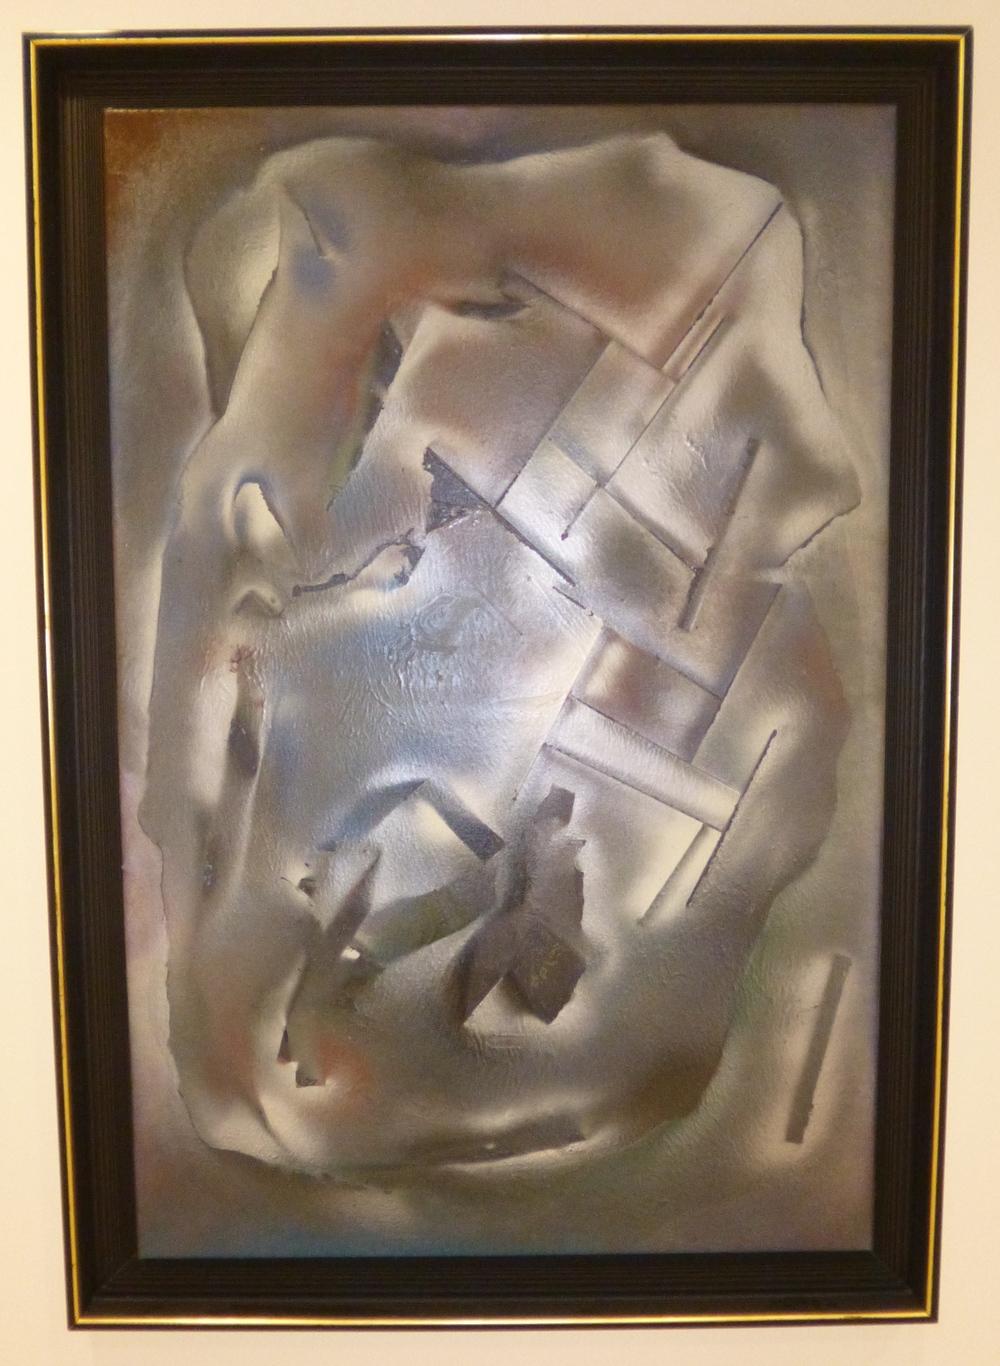 24.Picabiovský portrét, 2014, kom. technika, 117,5 x 168